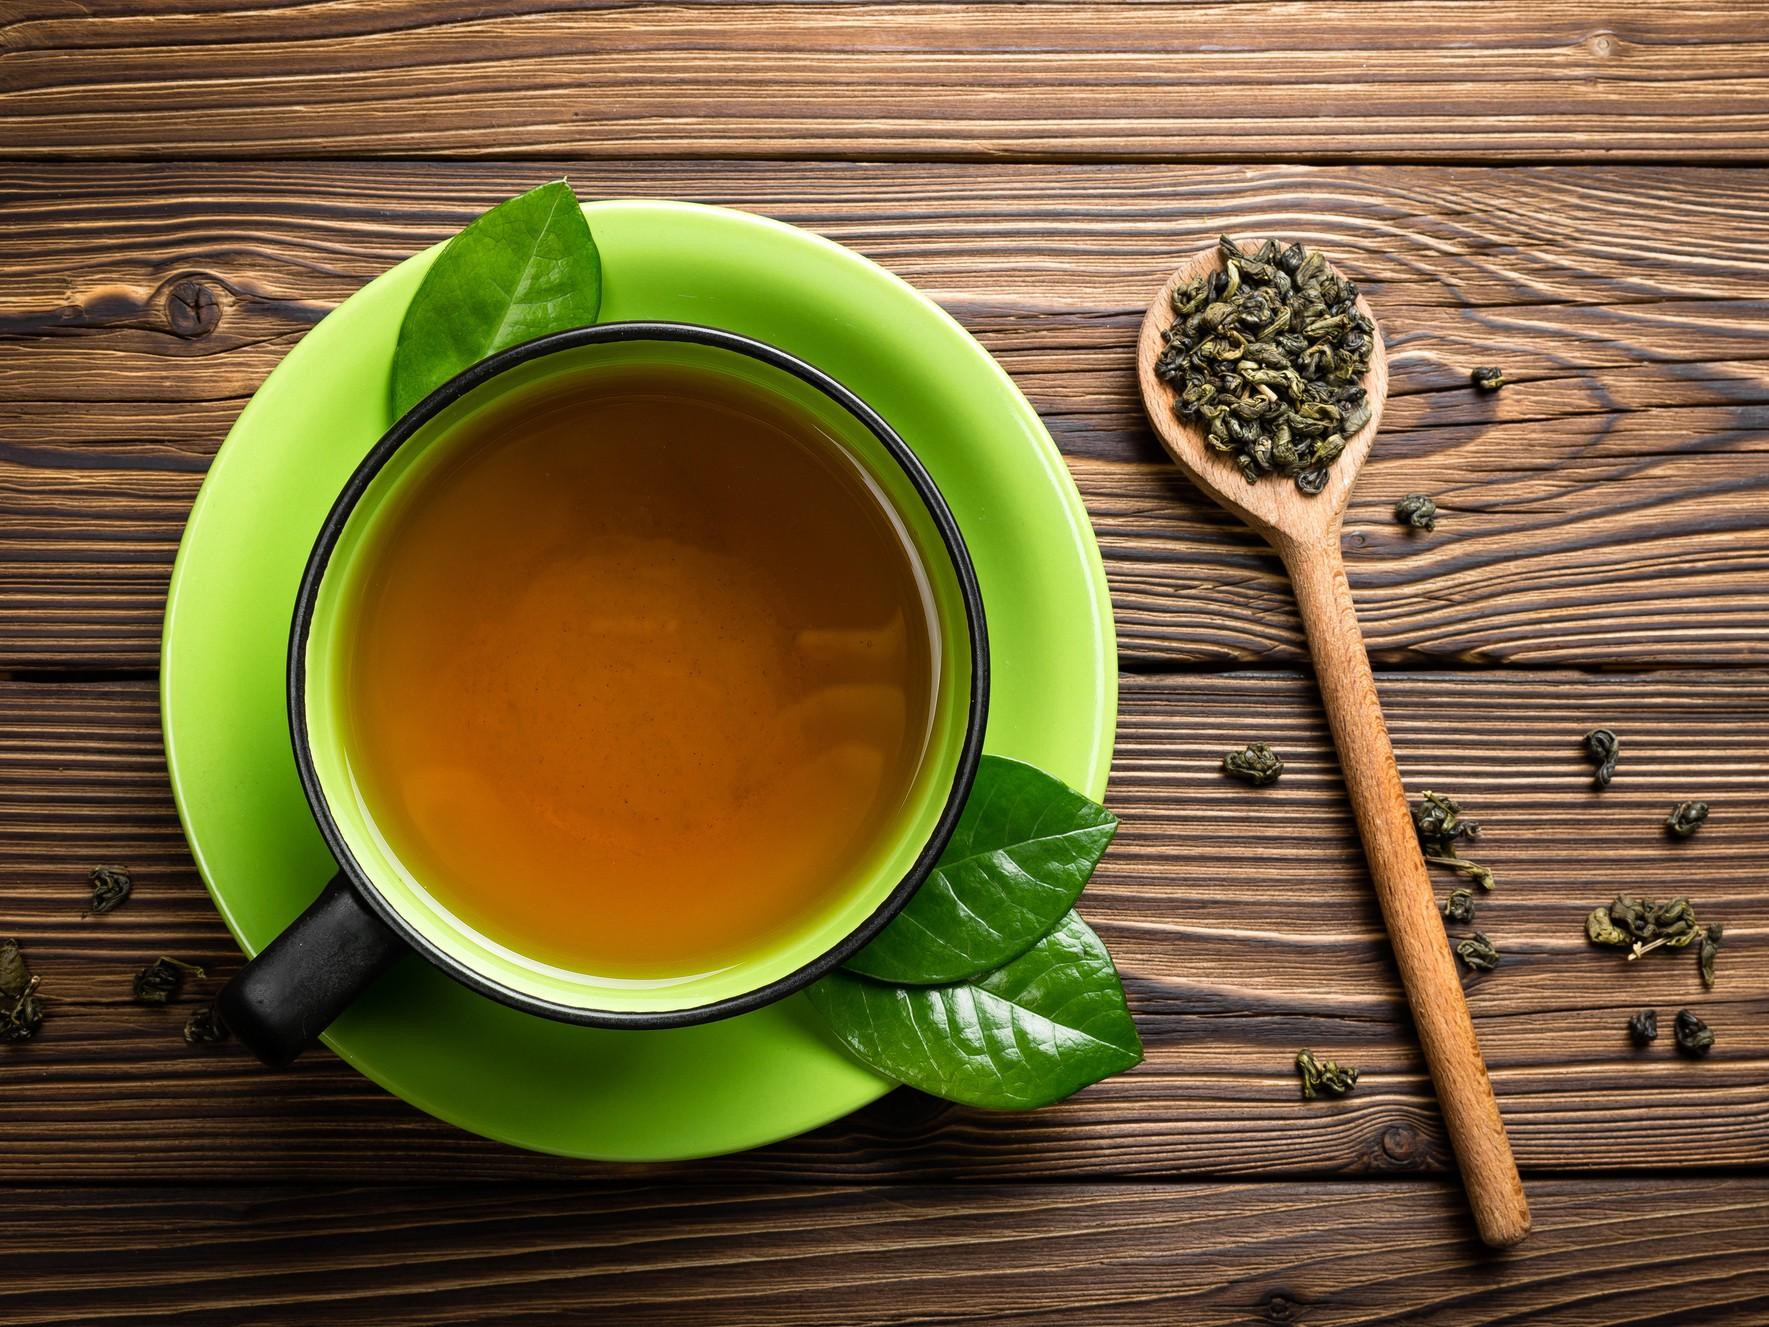 AN79-Green_tea_on_wood-732x549-Thumb